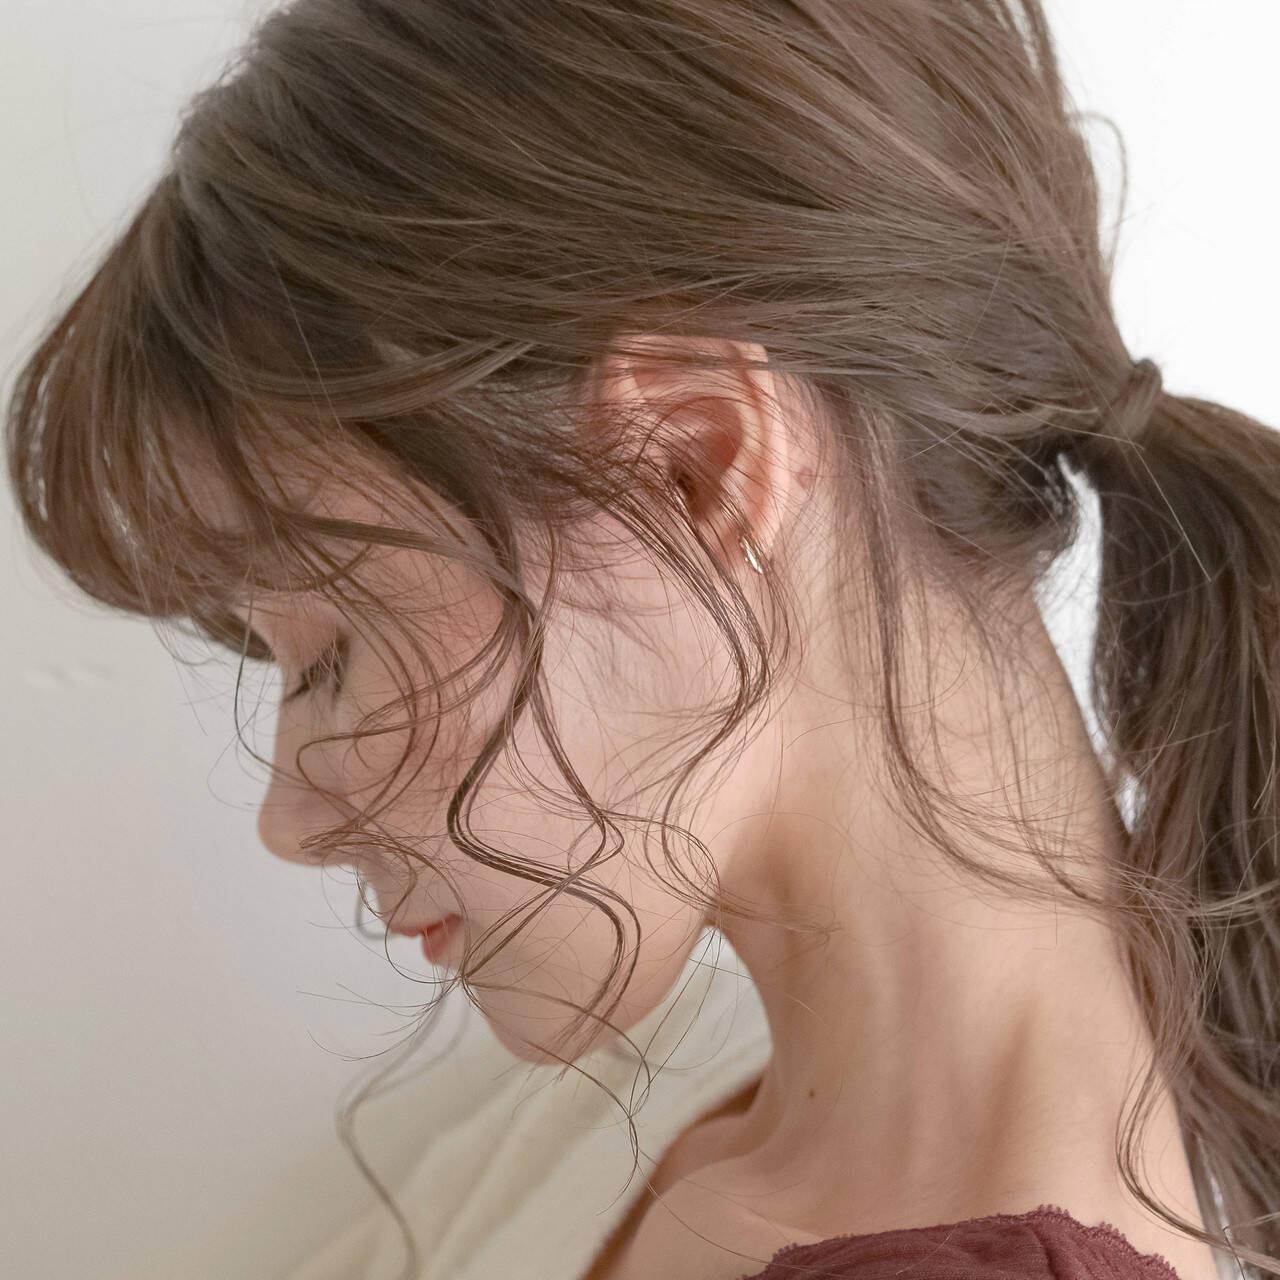 アレンジは耳横・うなじから後れ毛を出して♡ koyori Ootake  Link 表参道